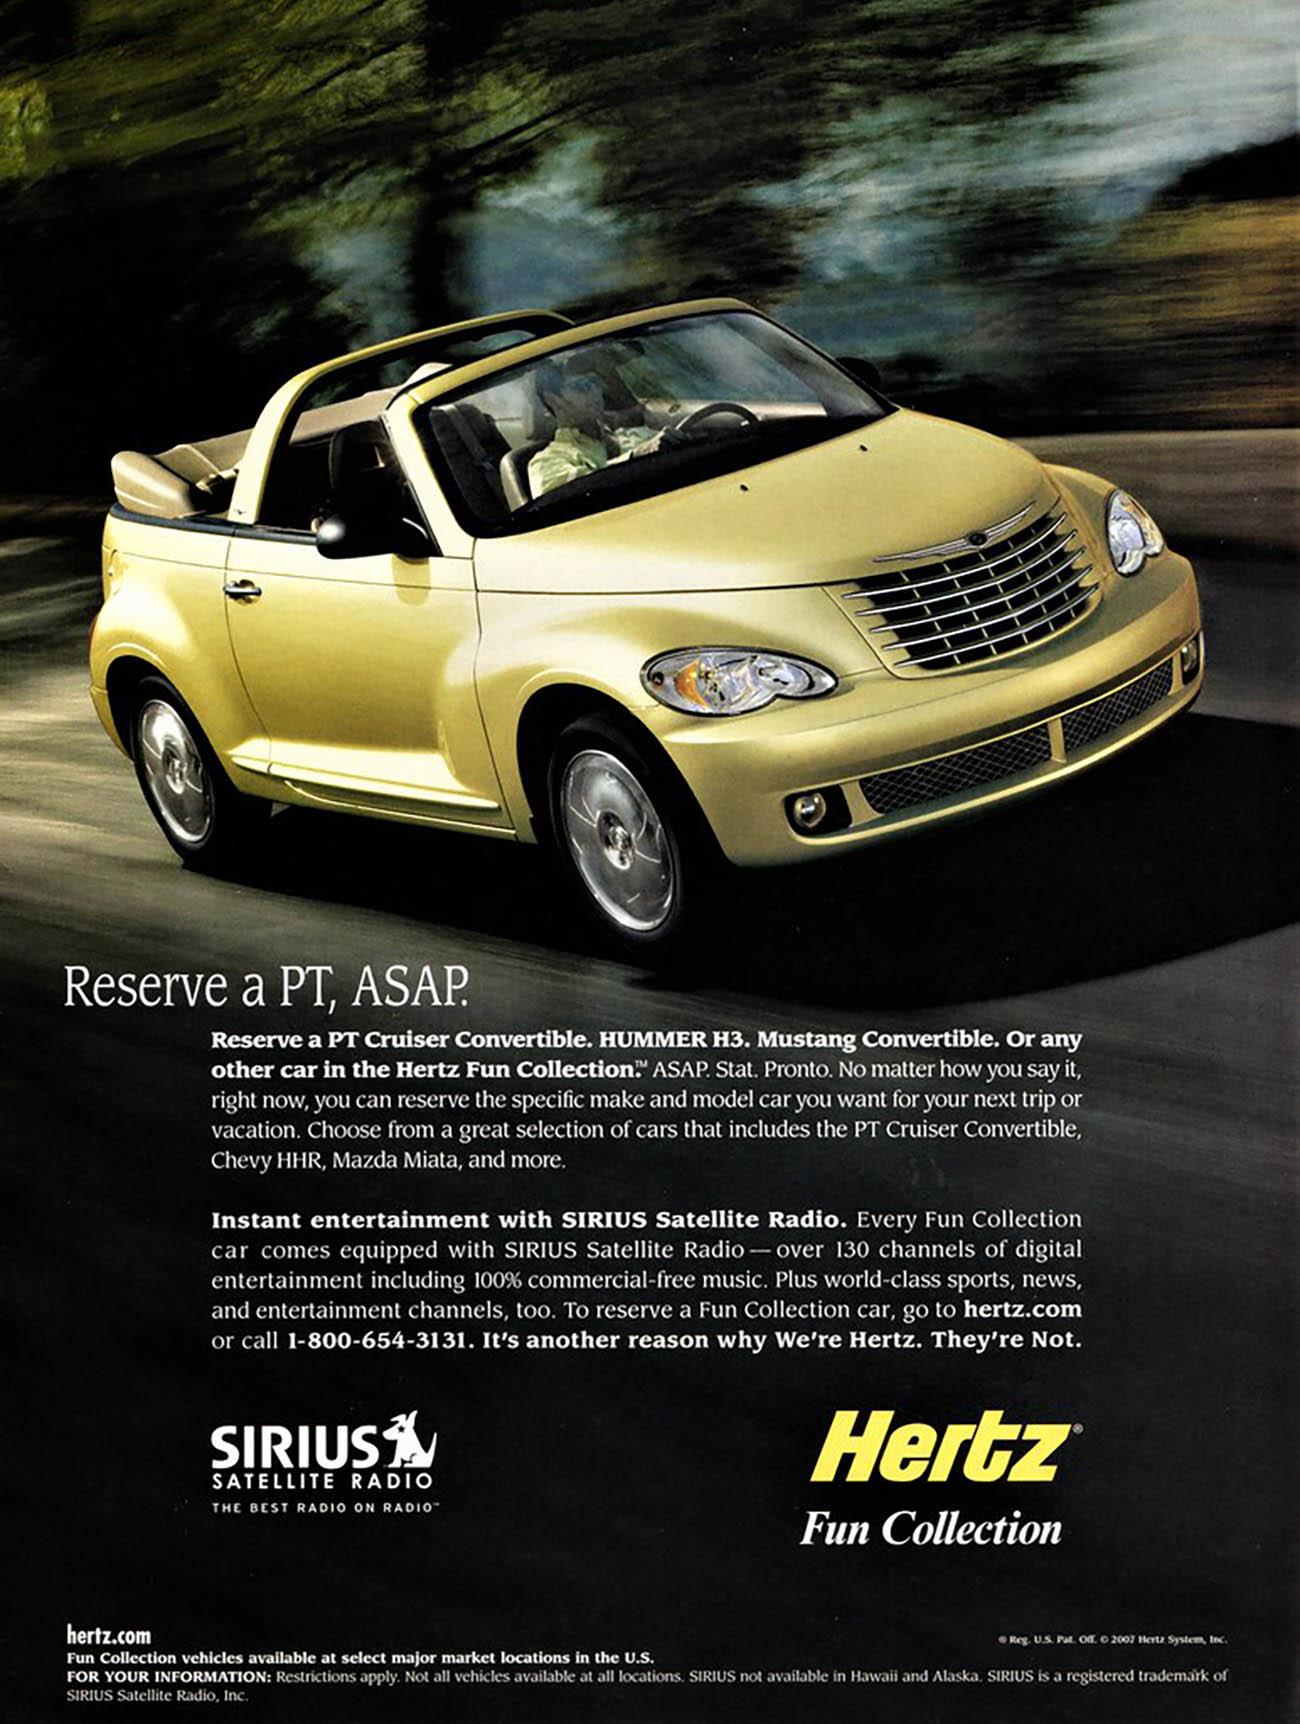 2007 Hertz Ad